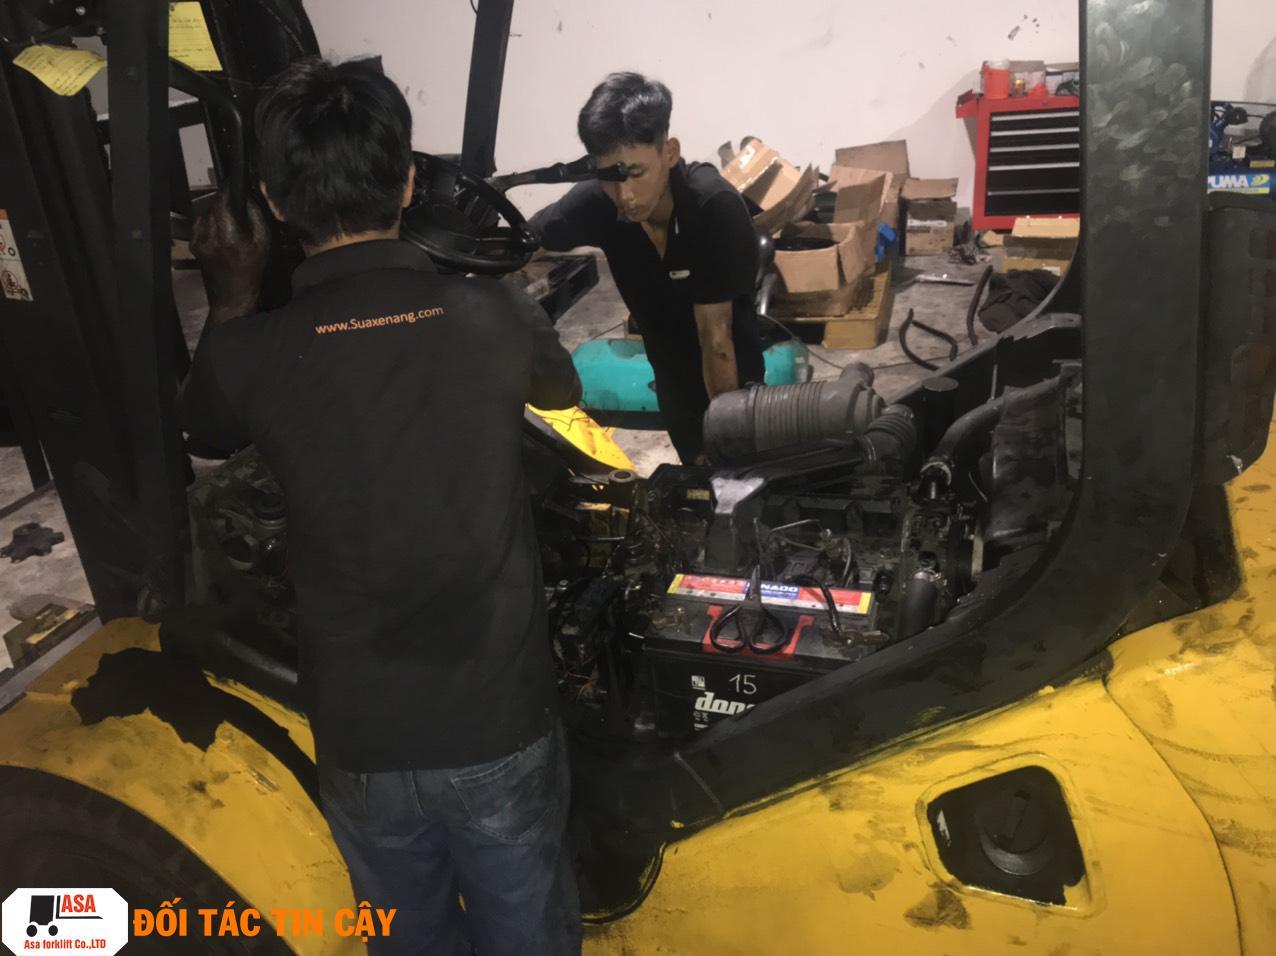 Nhân viên Asa sửa xe nâng chuyên nghiệp